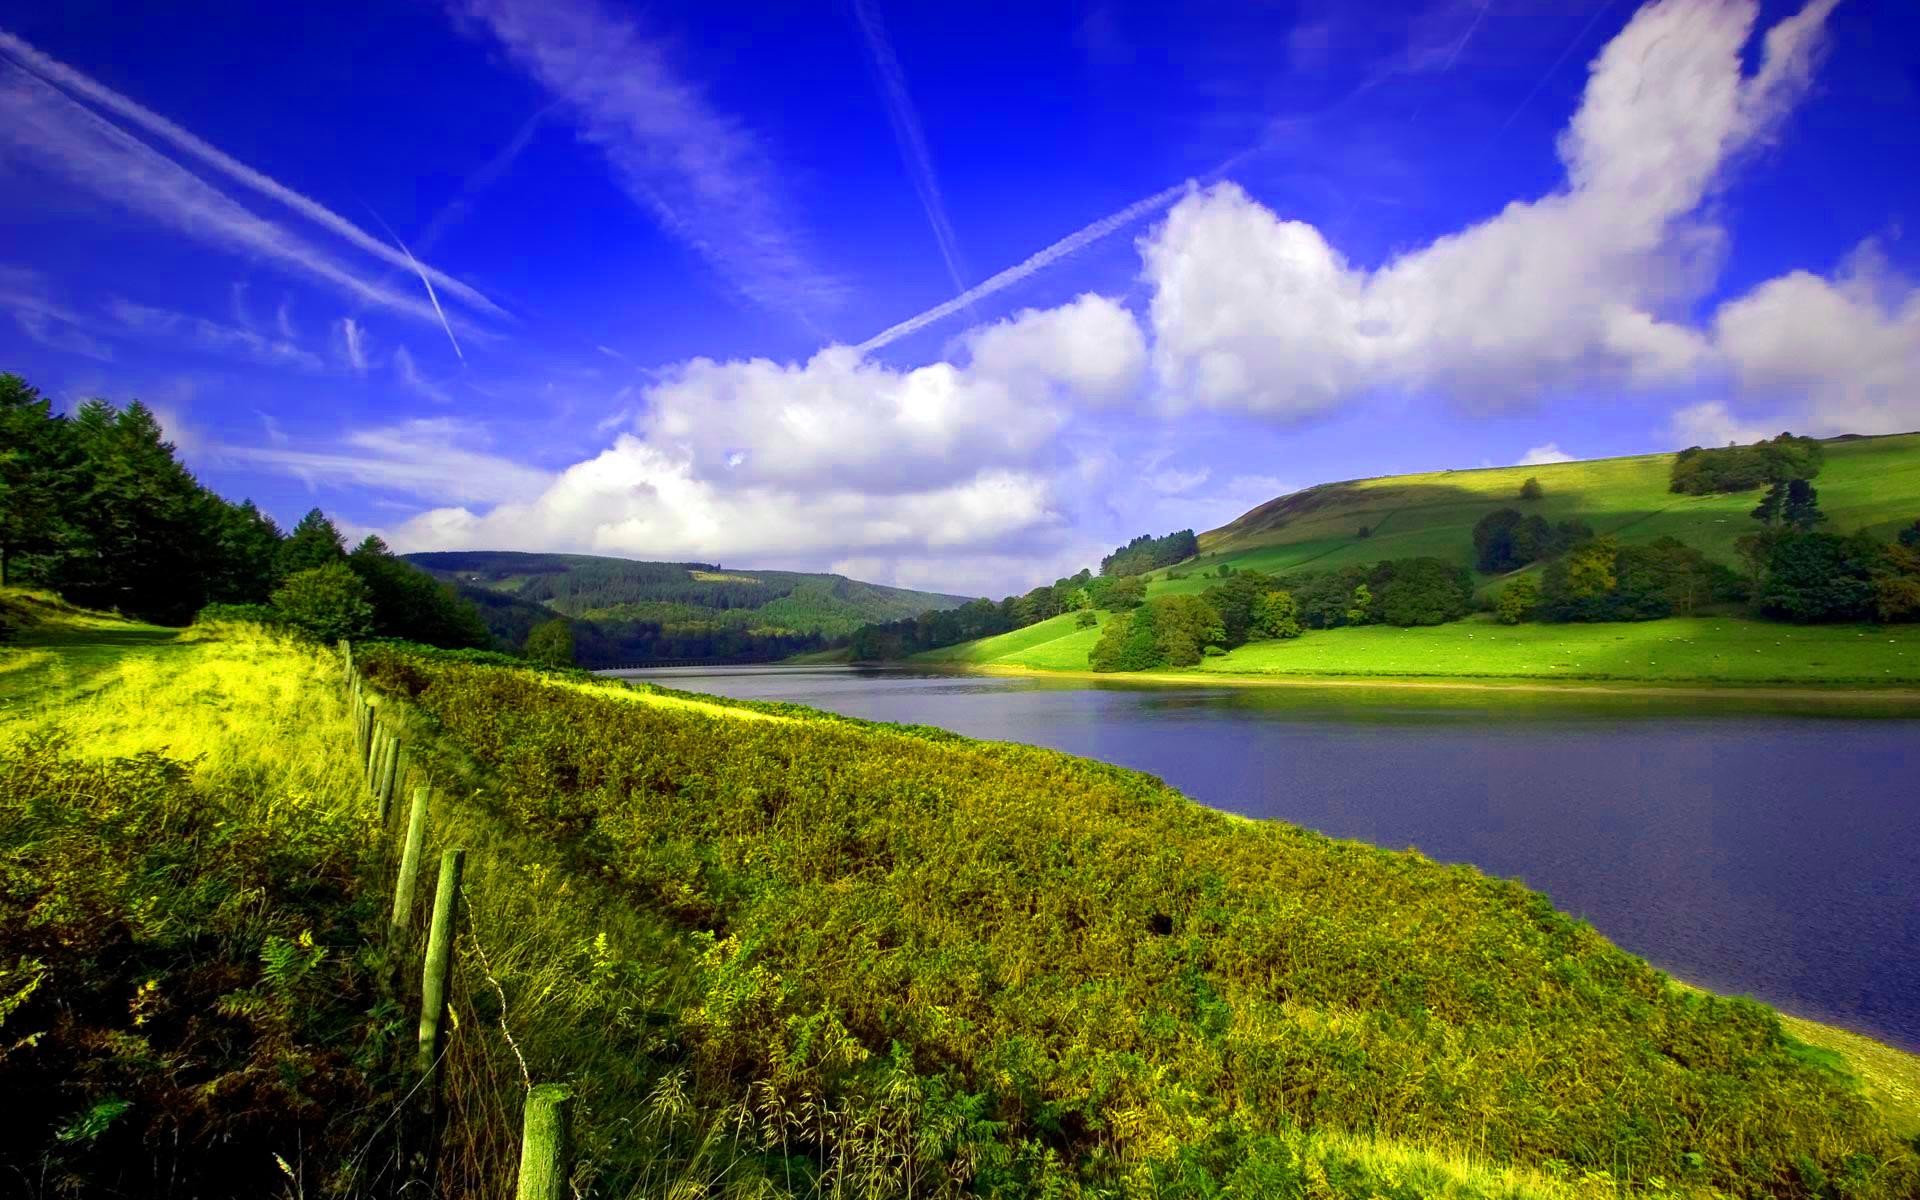 Sephiria's C-B Rank Exam Landscape-with-calm-river